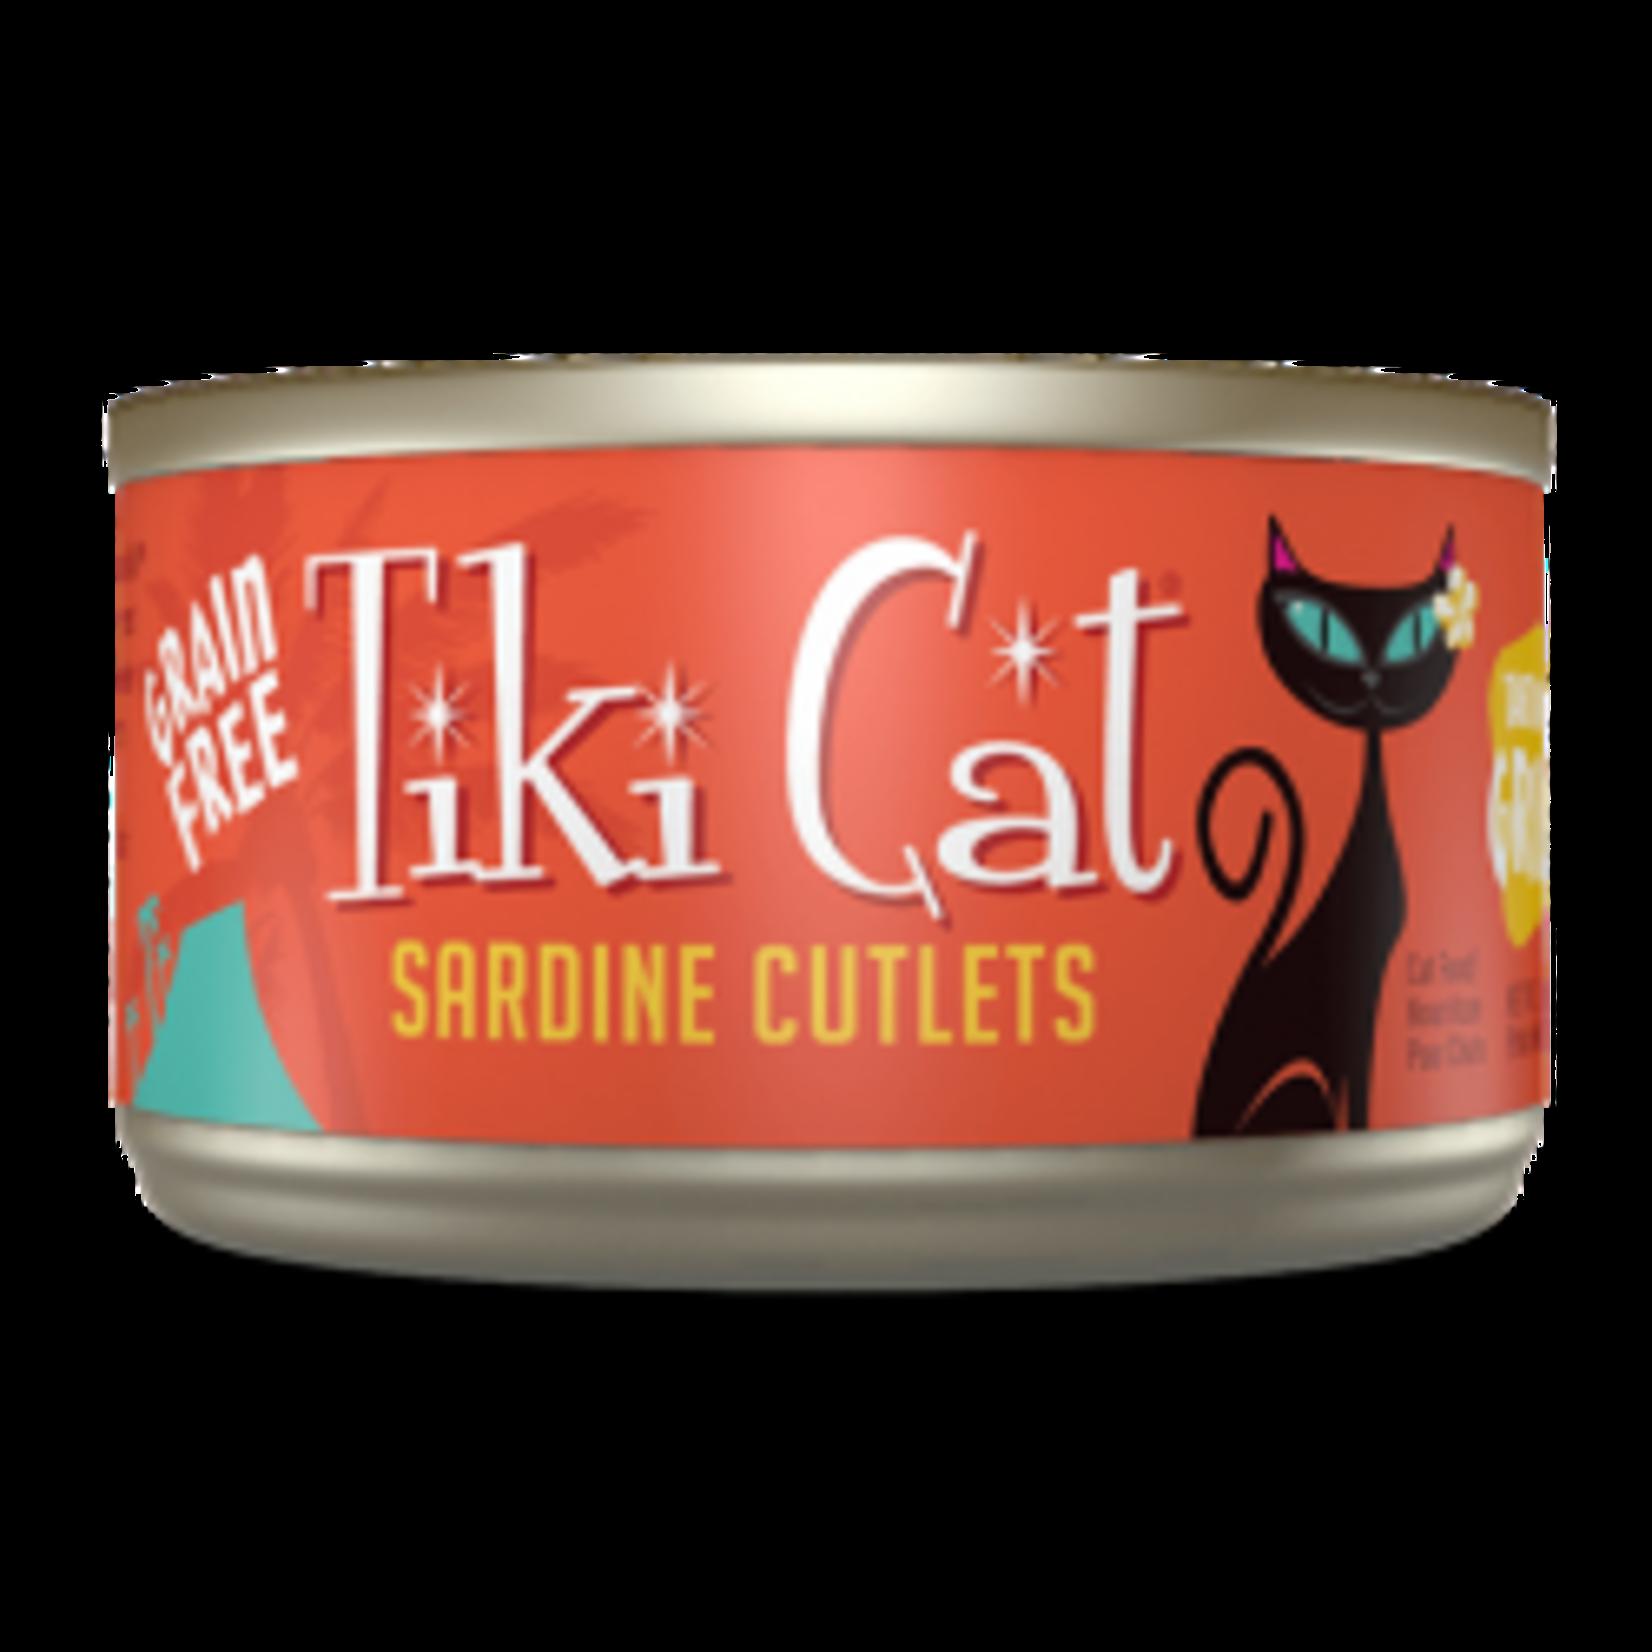 Tiki Cat & Tiki Dog Tiki Cat Tahitian Grill Sardine Cutlets Canned Cat Food 2.8oz